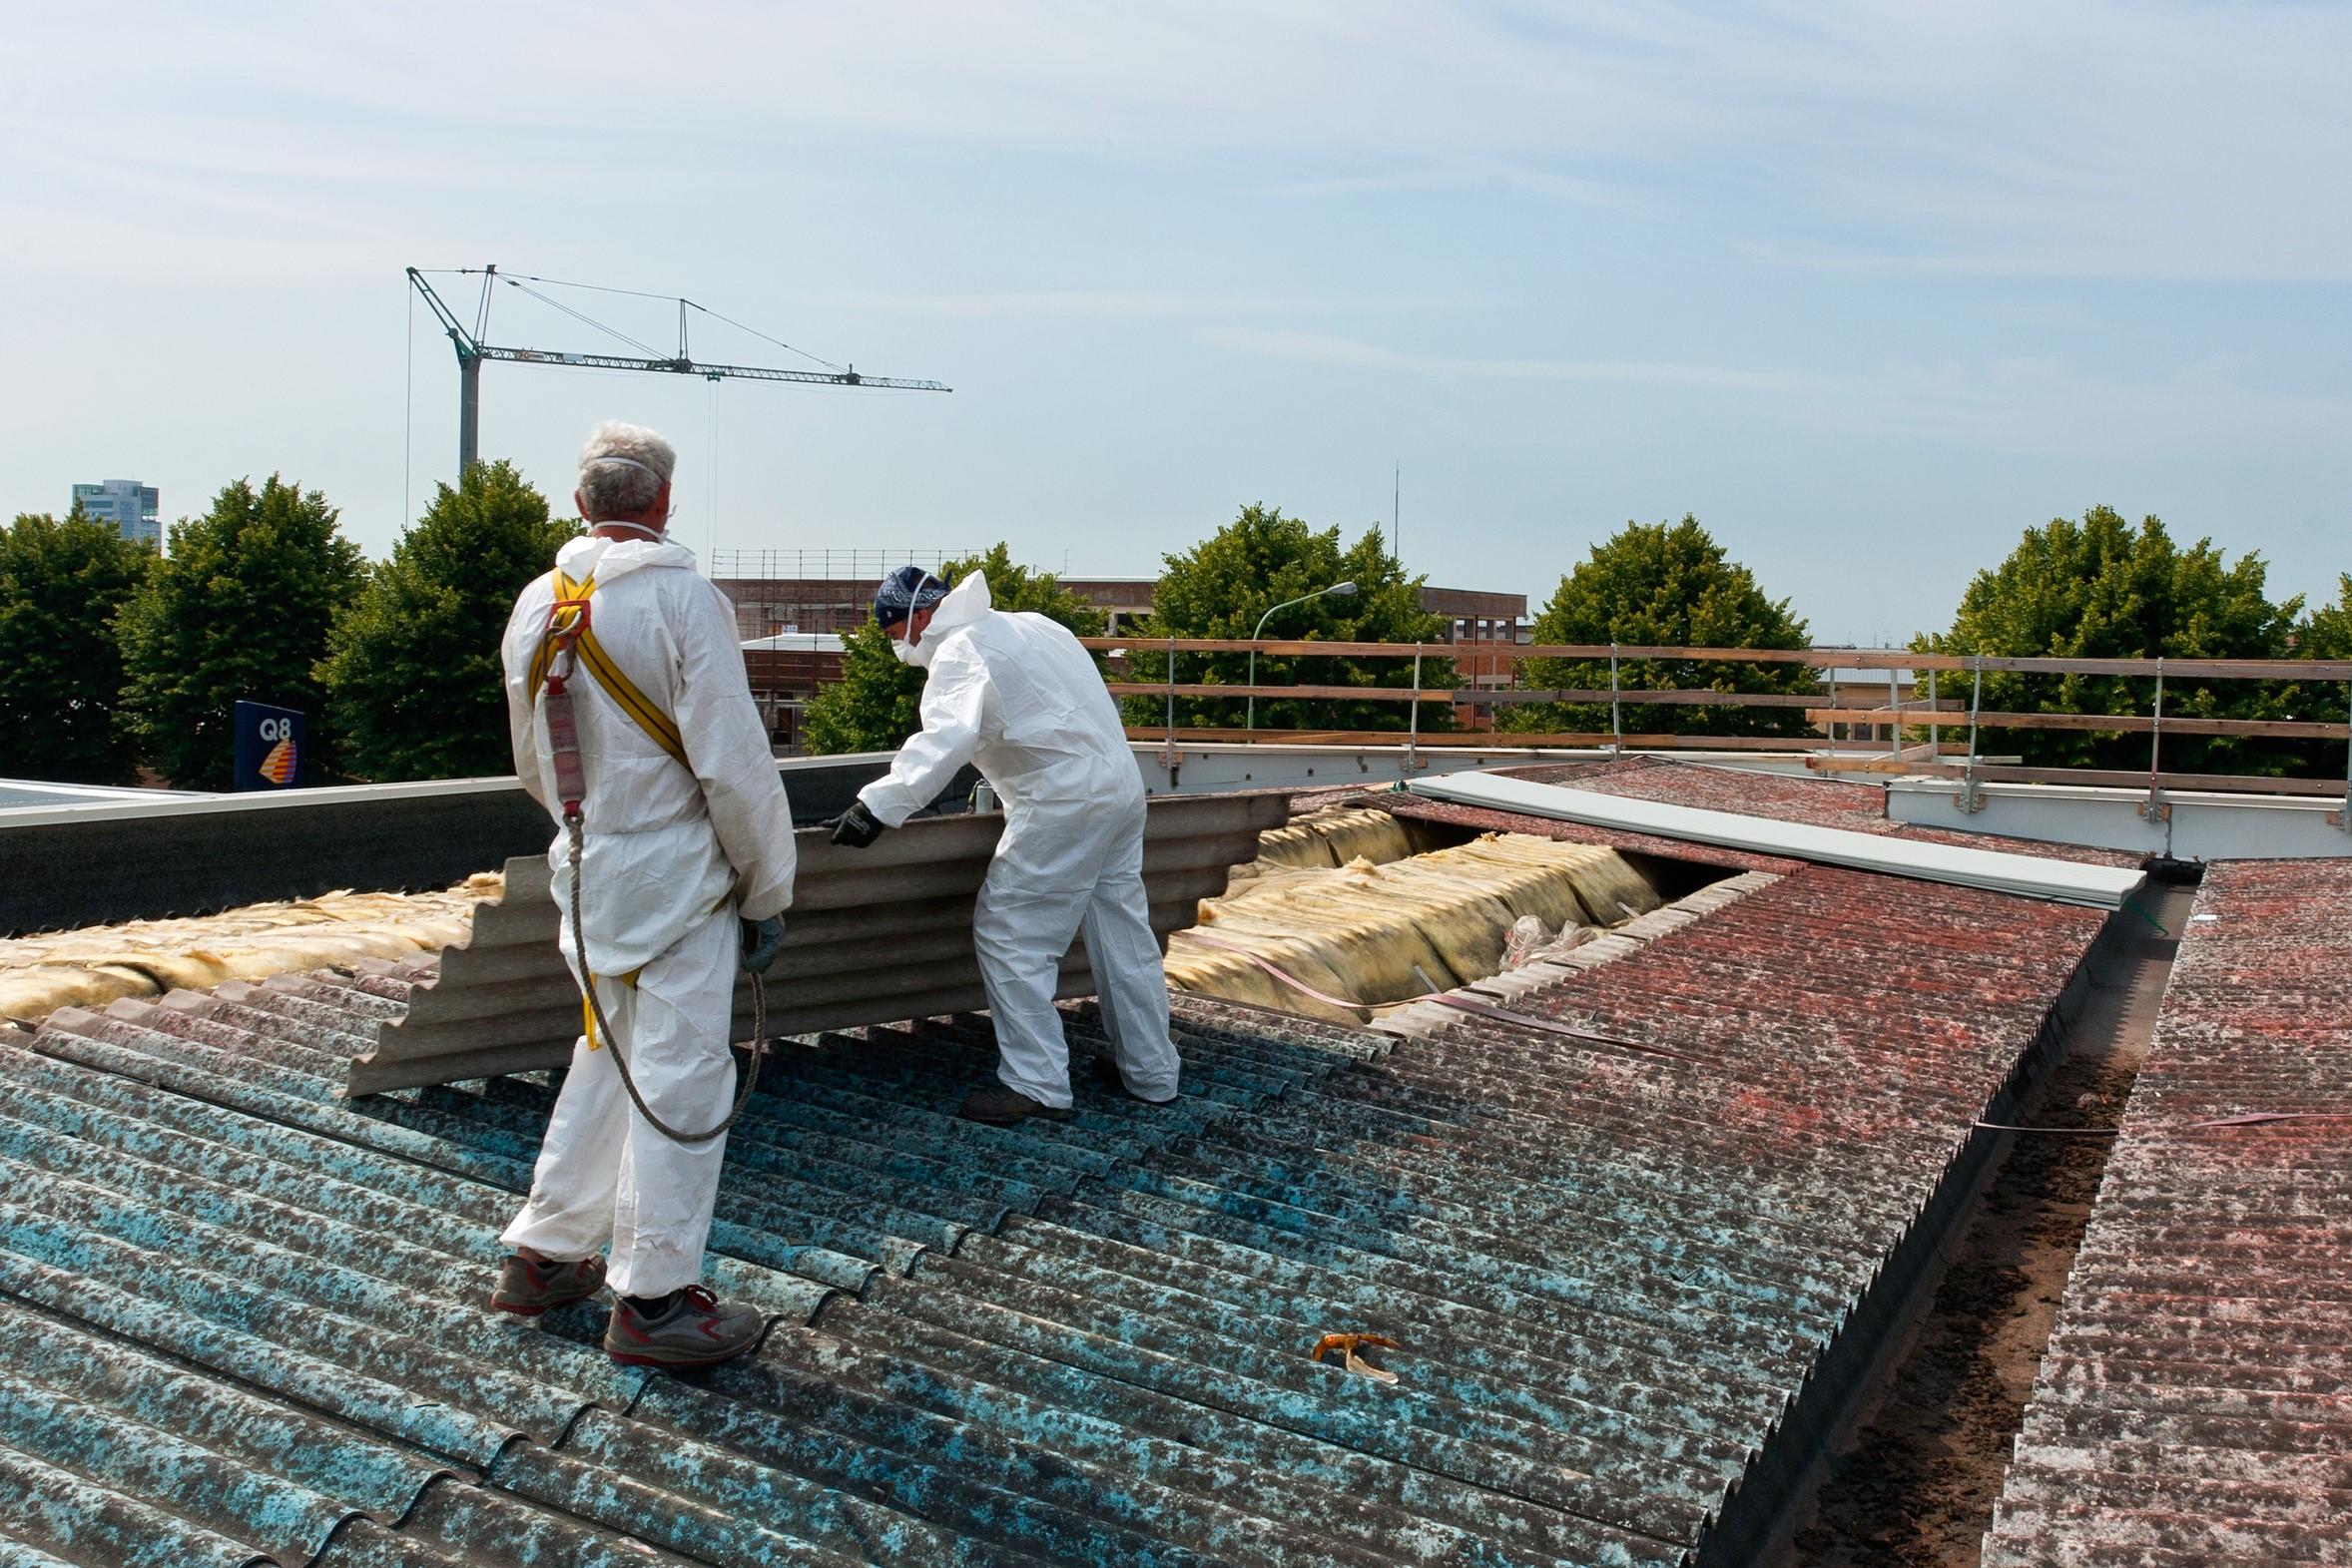 Berühmt Asbestentsorgung: Solarinvestoren finanzieren Dachsanierung @DE_95